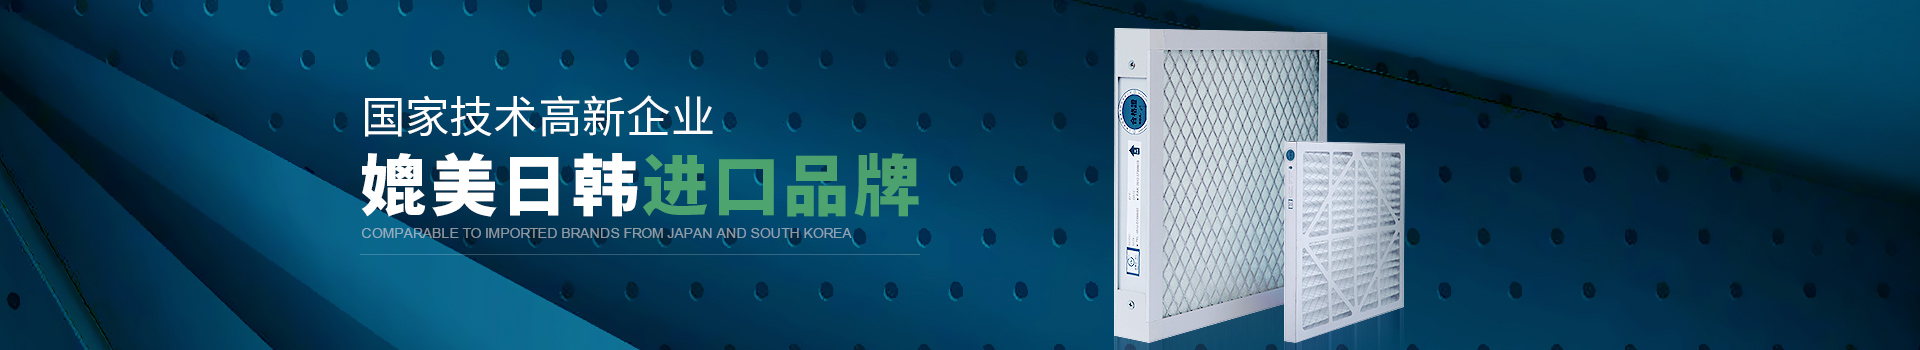 威尔斯净化国家技术高新企业,媲美日韩进口品牌